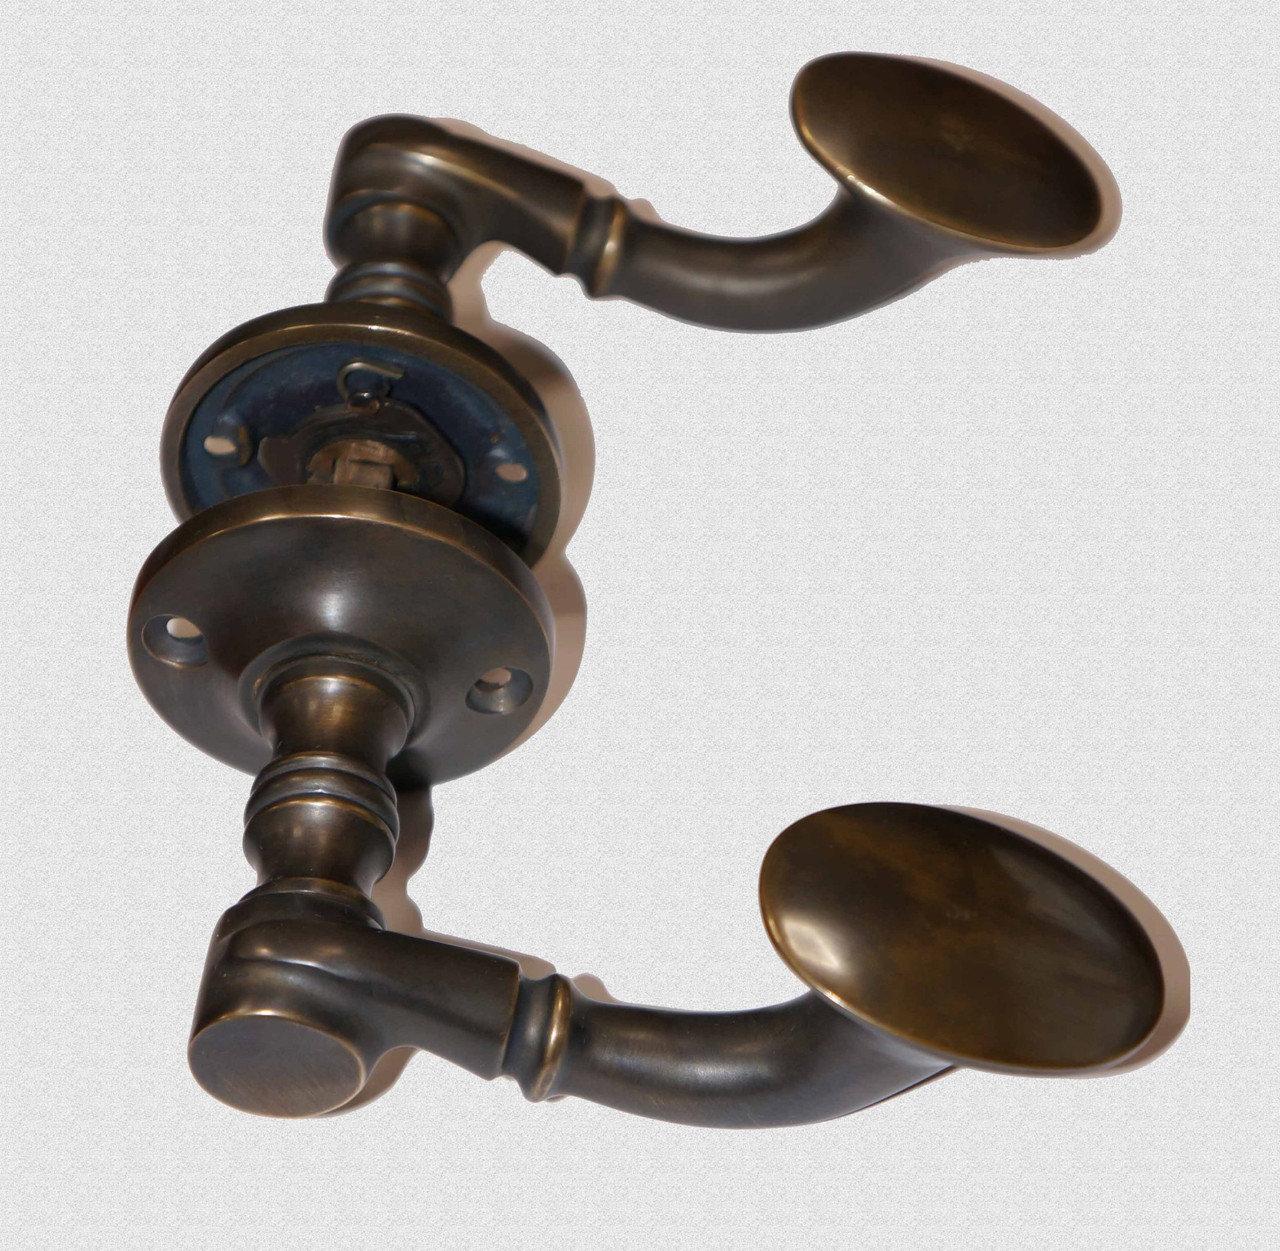 Межкомнатная дверная ручка Музейная в патине, арт: 02-014-П